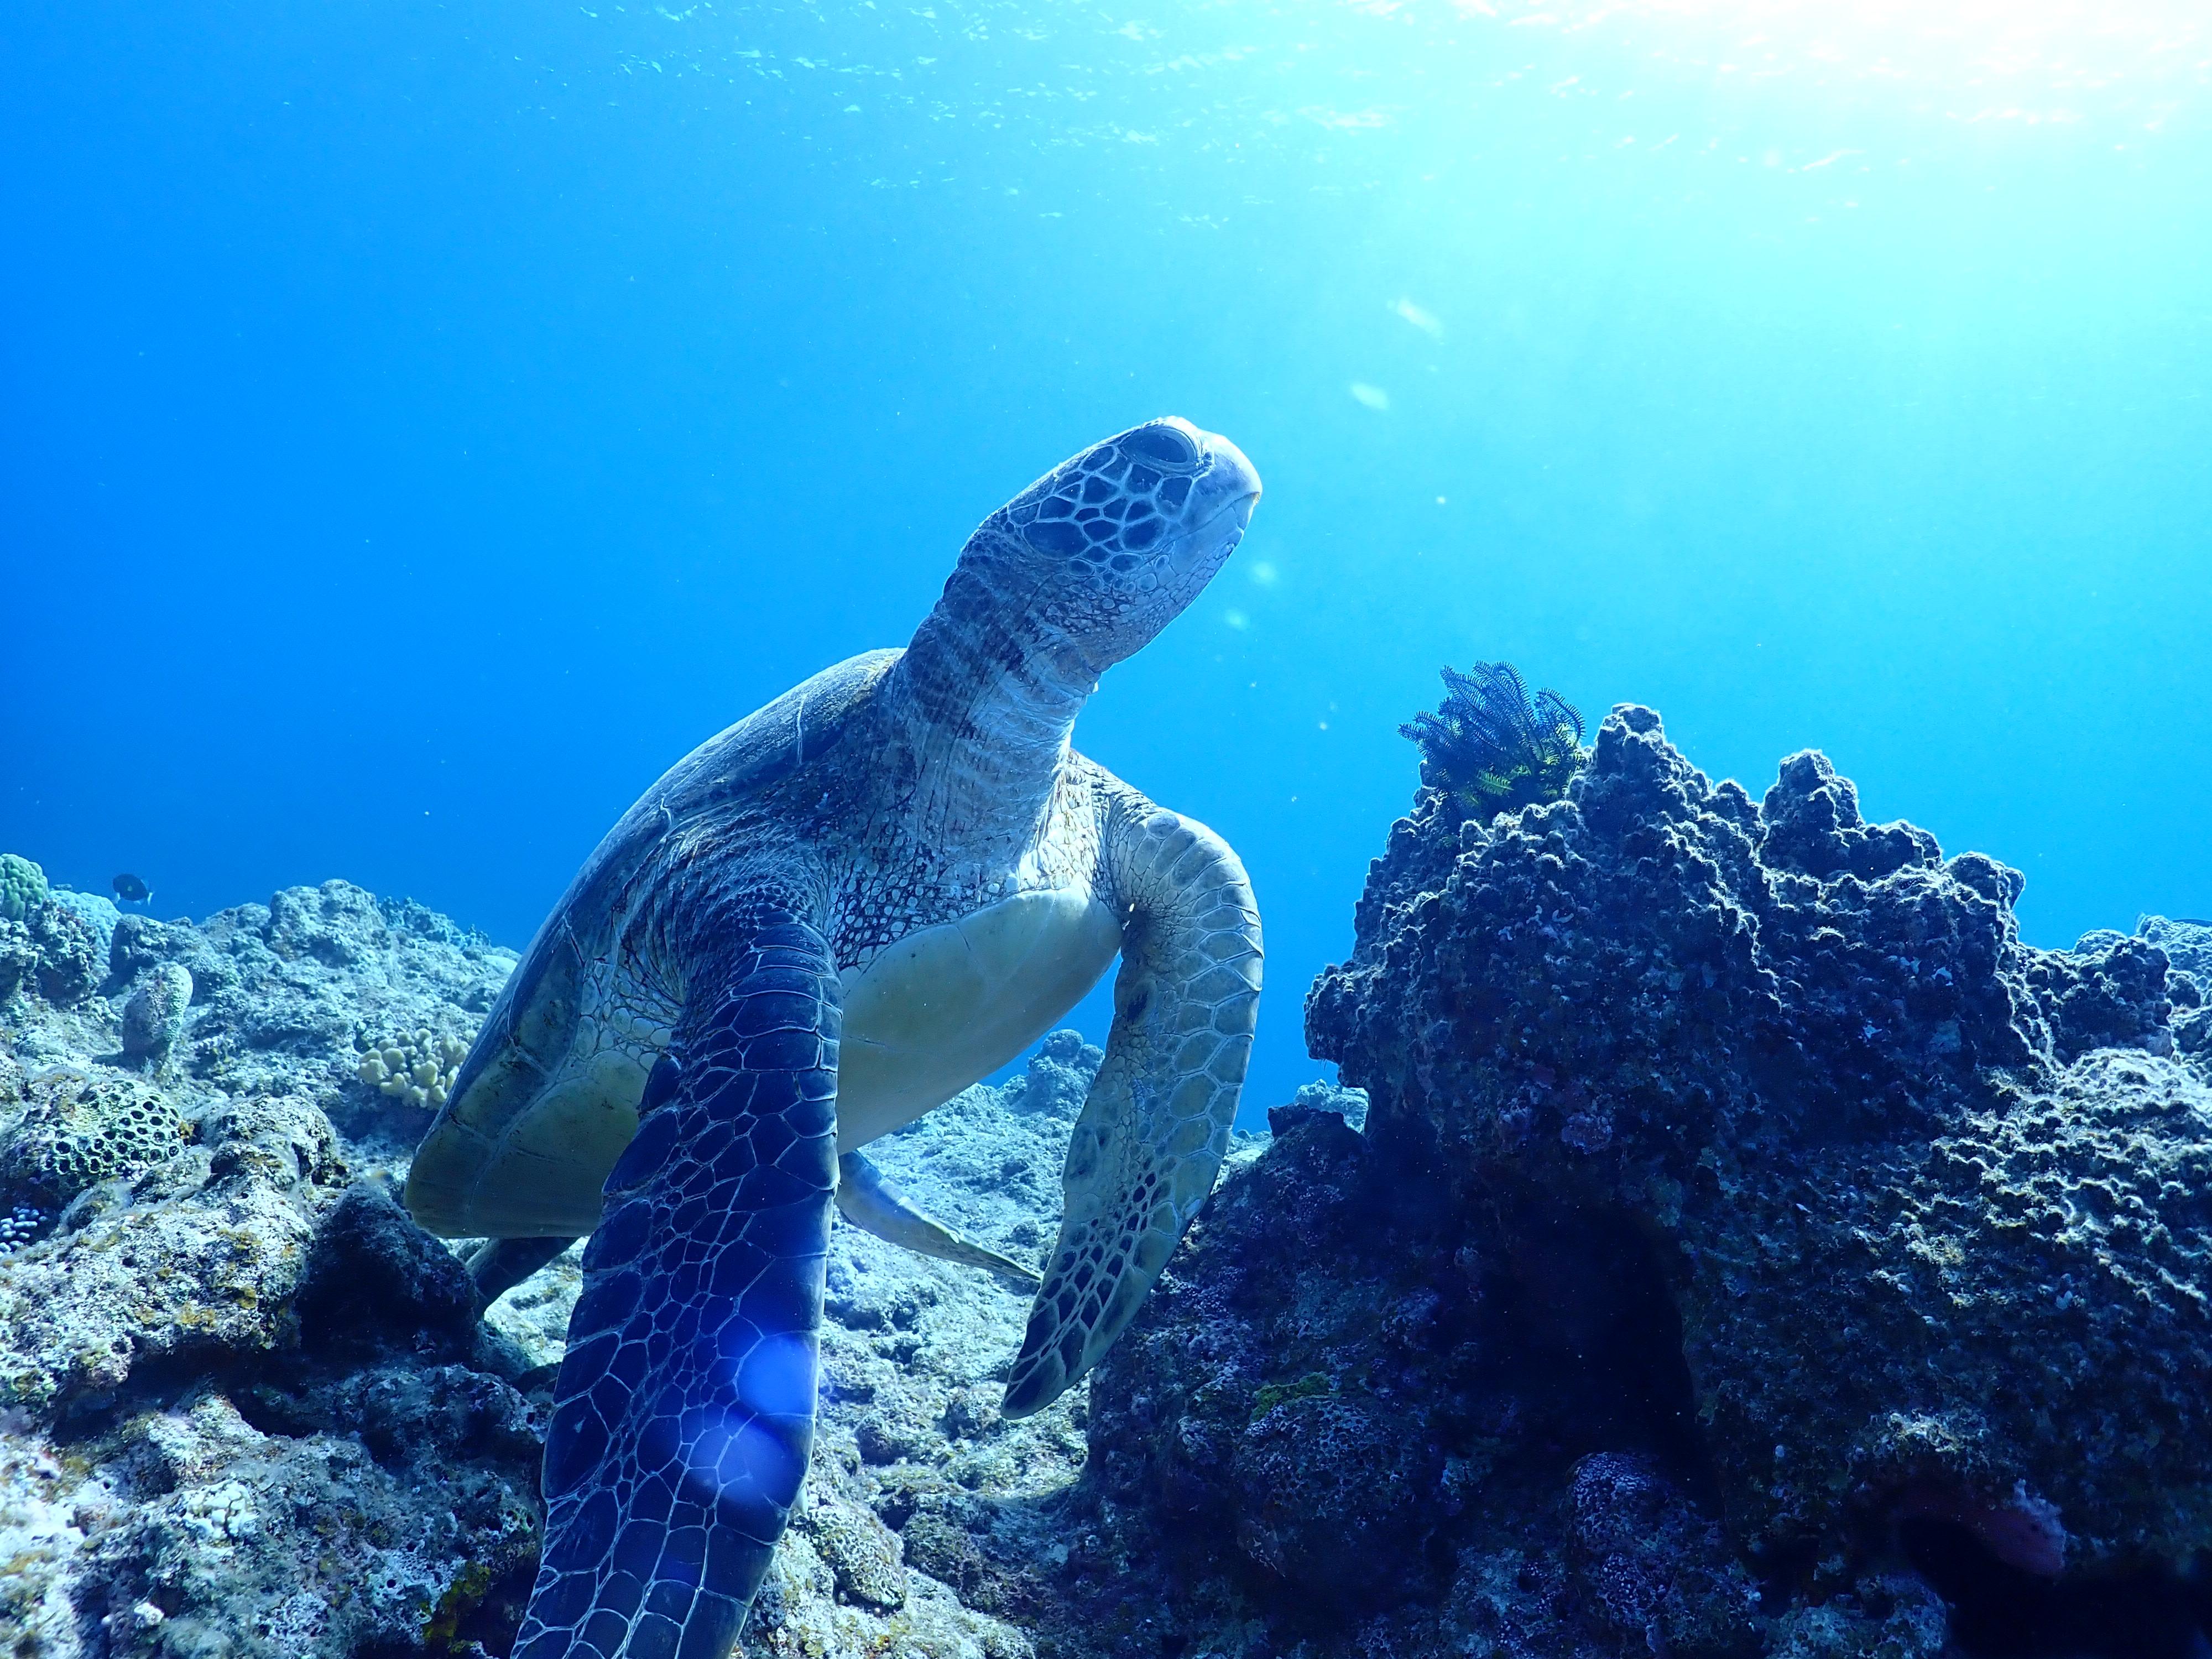 海亀の遭遇率は90%